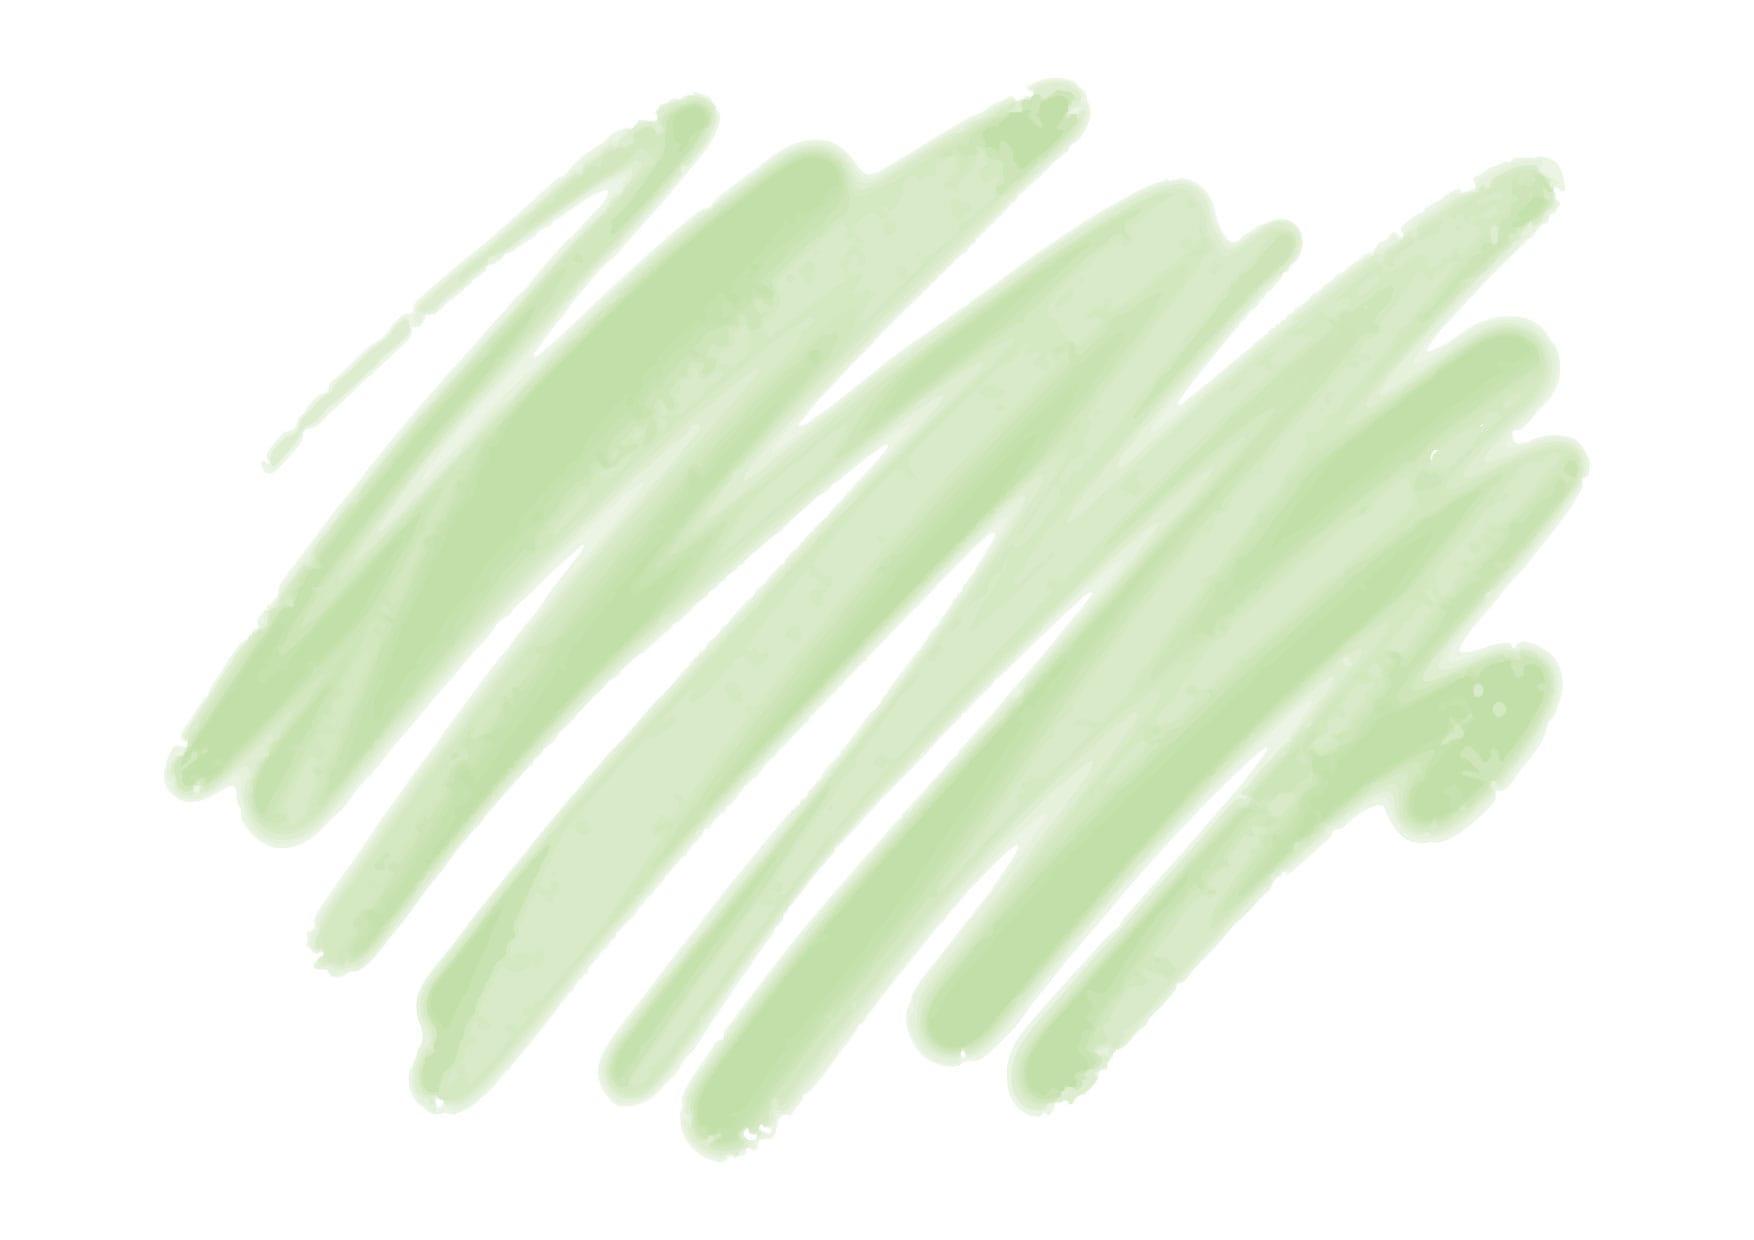 可愛いイラスト無料|水彩 落書き 背景 緑色 − free illustration  Watercolor graffiti background green